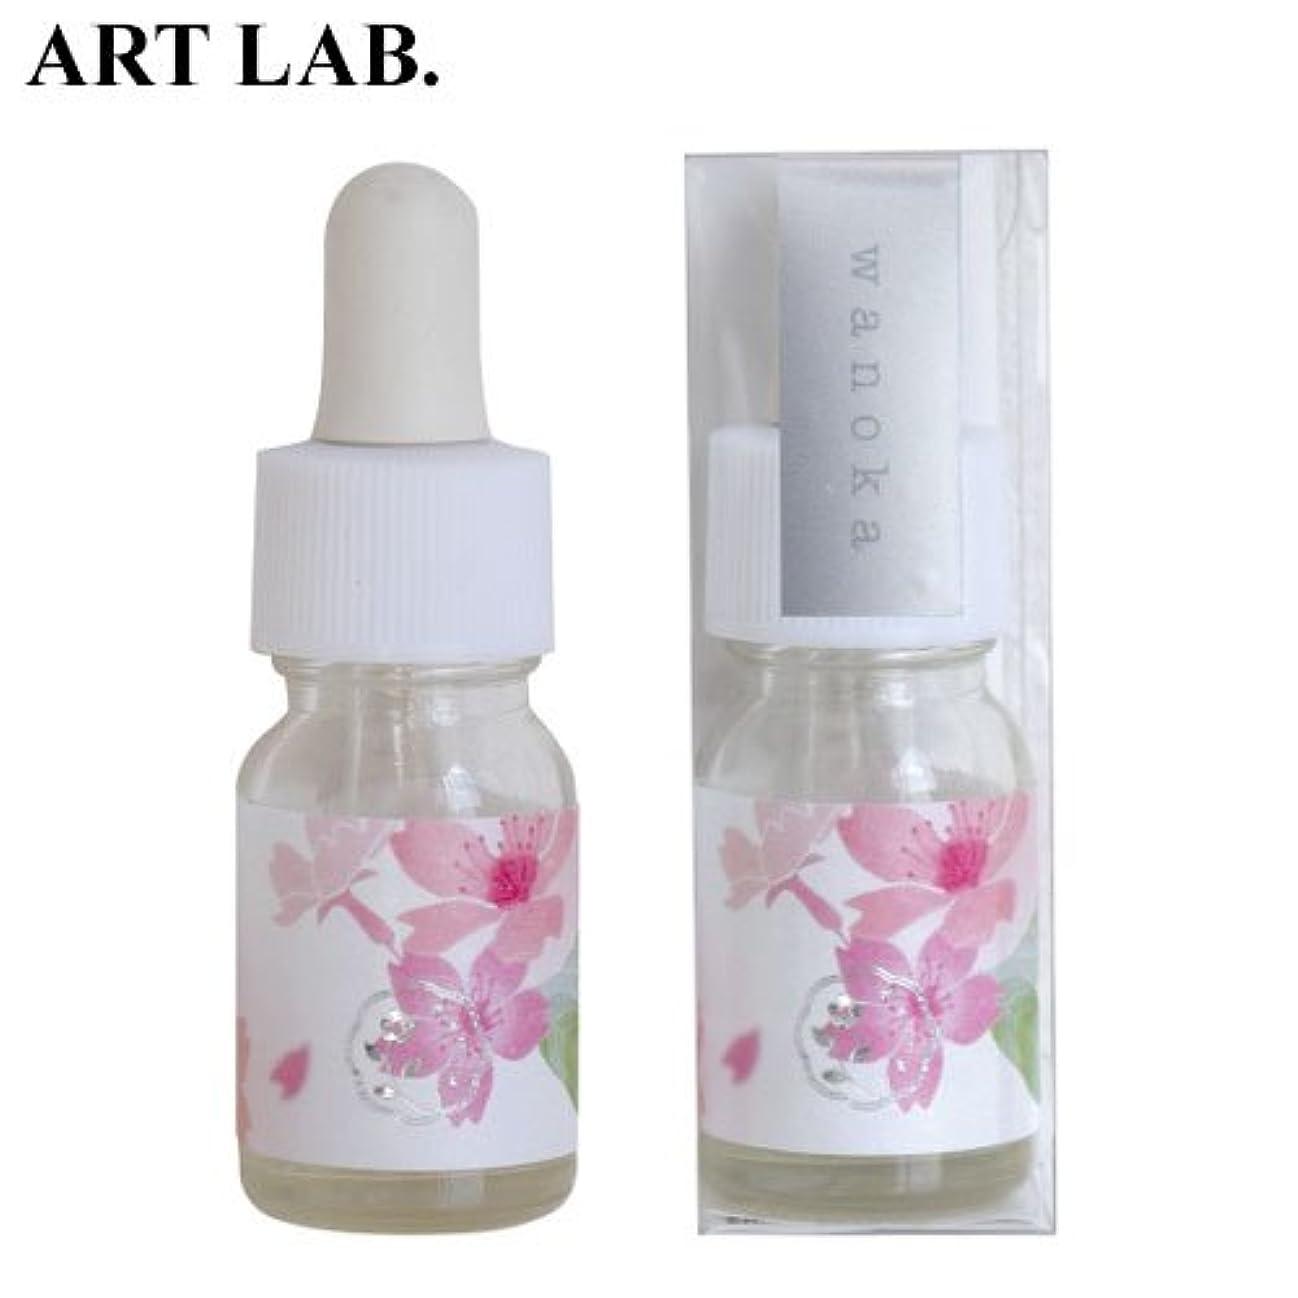 時々時々噂路地wanoka香油アロマオイル桜《桜をイメージした甘い香り》ART LABAromatic oil